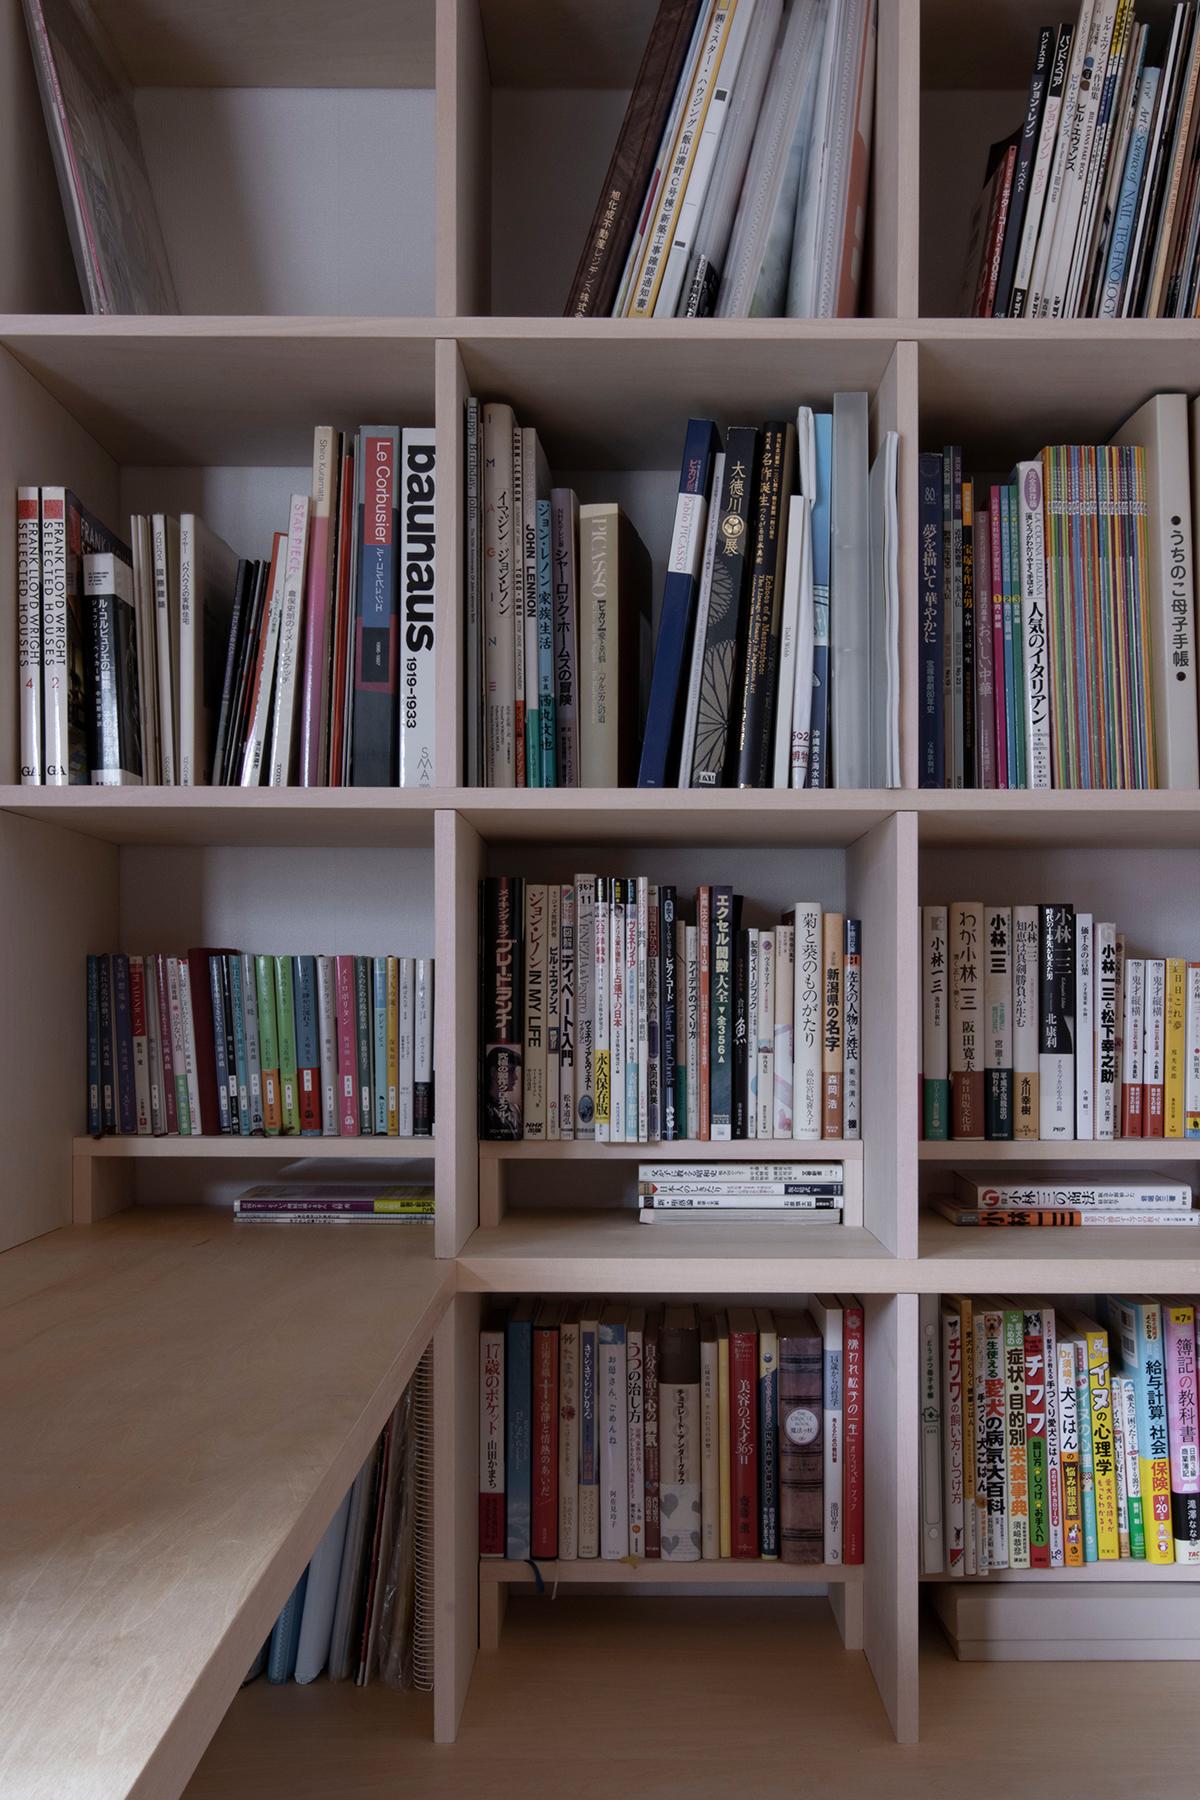 スタンディングデスク+カウンター付き本棚 | スタンディングデスク付き本棚 / Shelf (No.02)